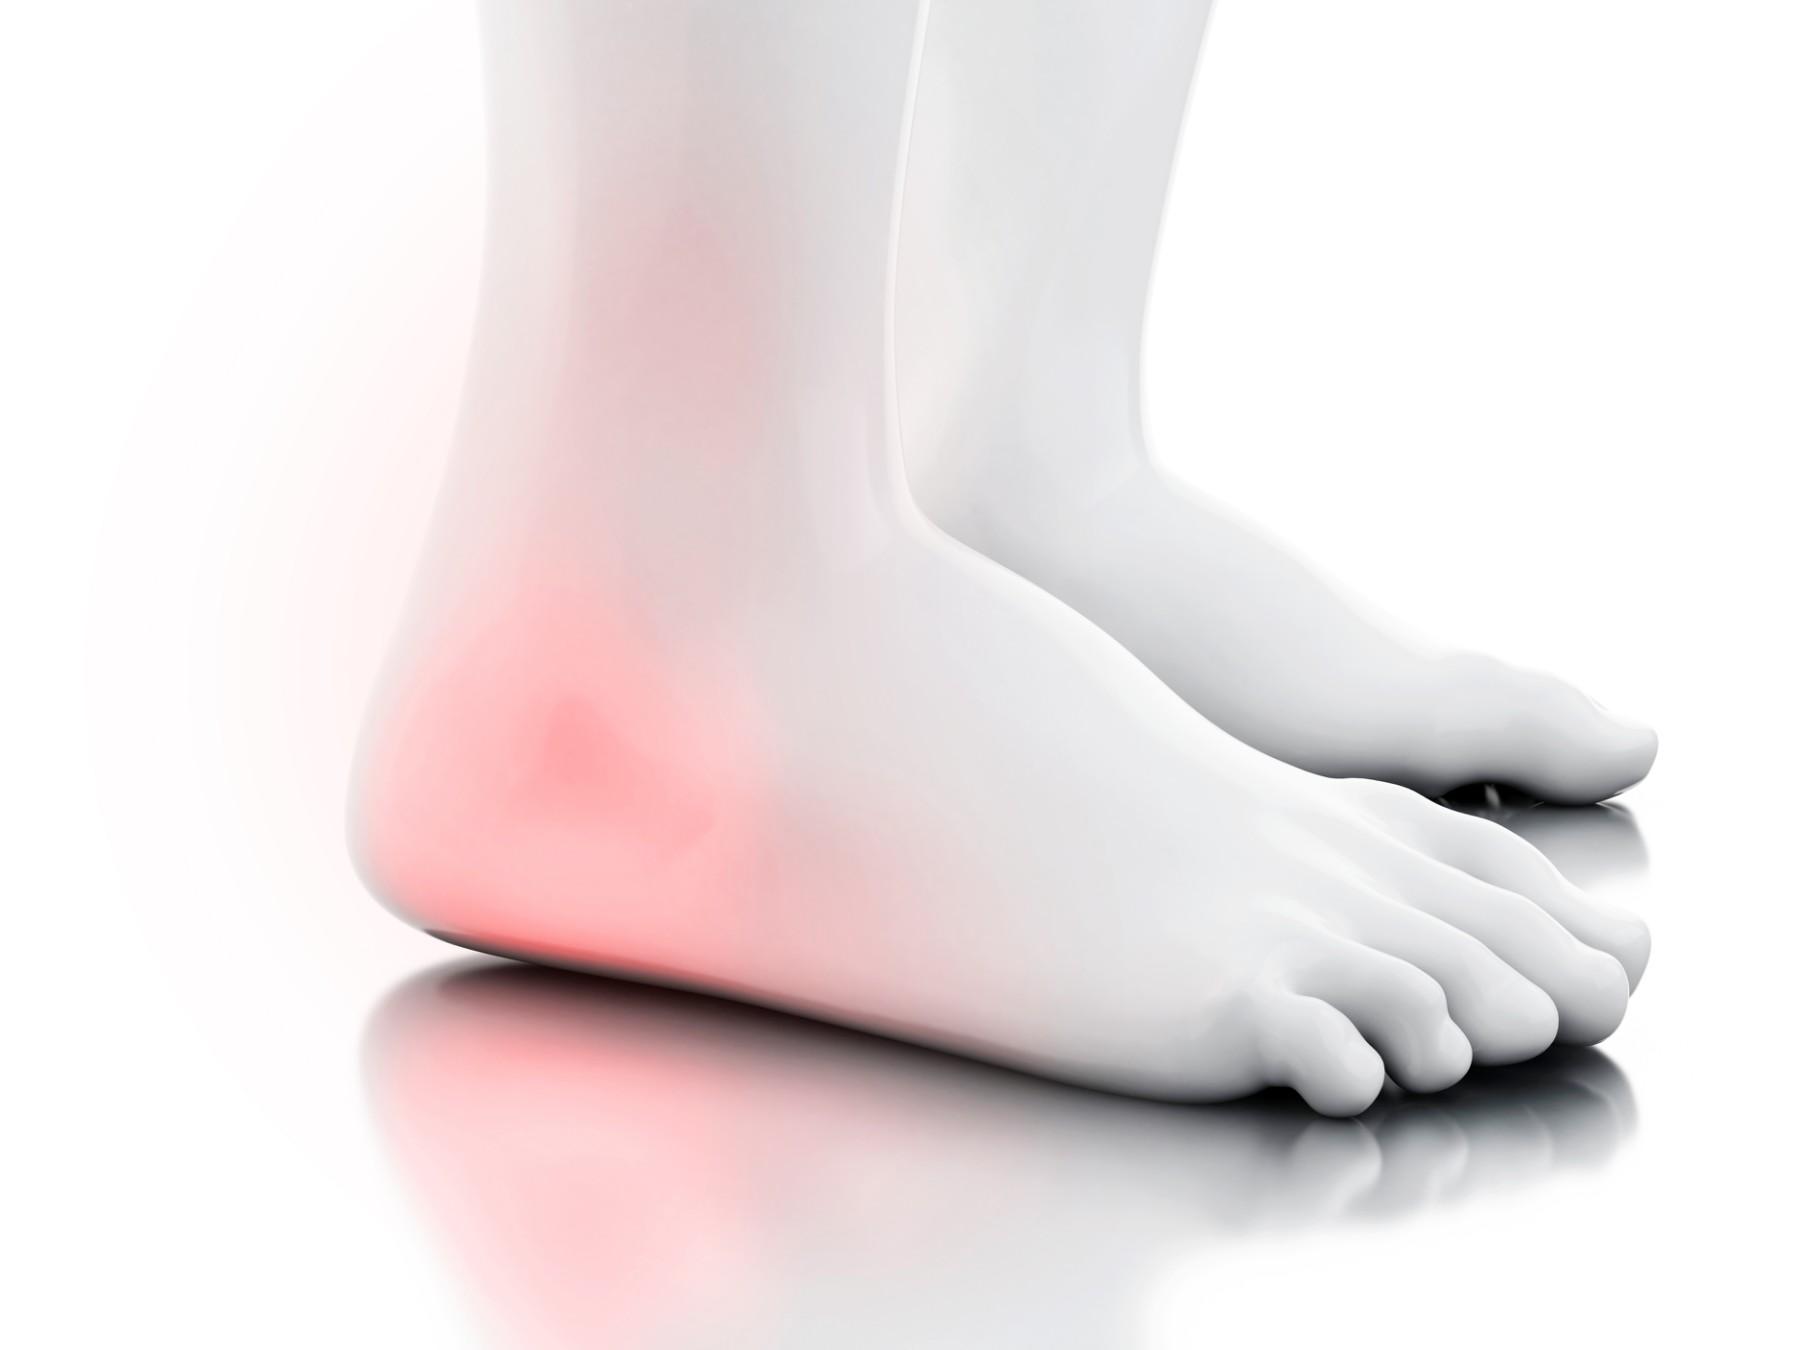 Центр здоров'я Solard - Дівчинка восьми років, болі в стопах і колінах після тривалої ходьби чи стояння - 25